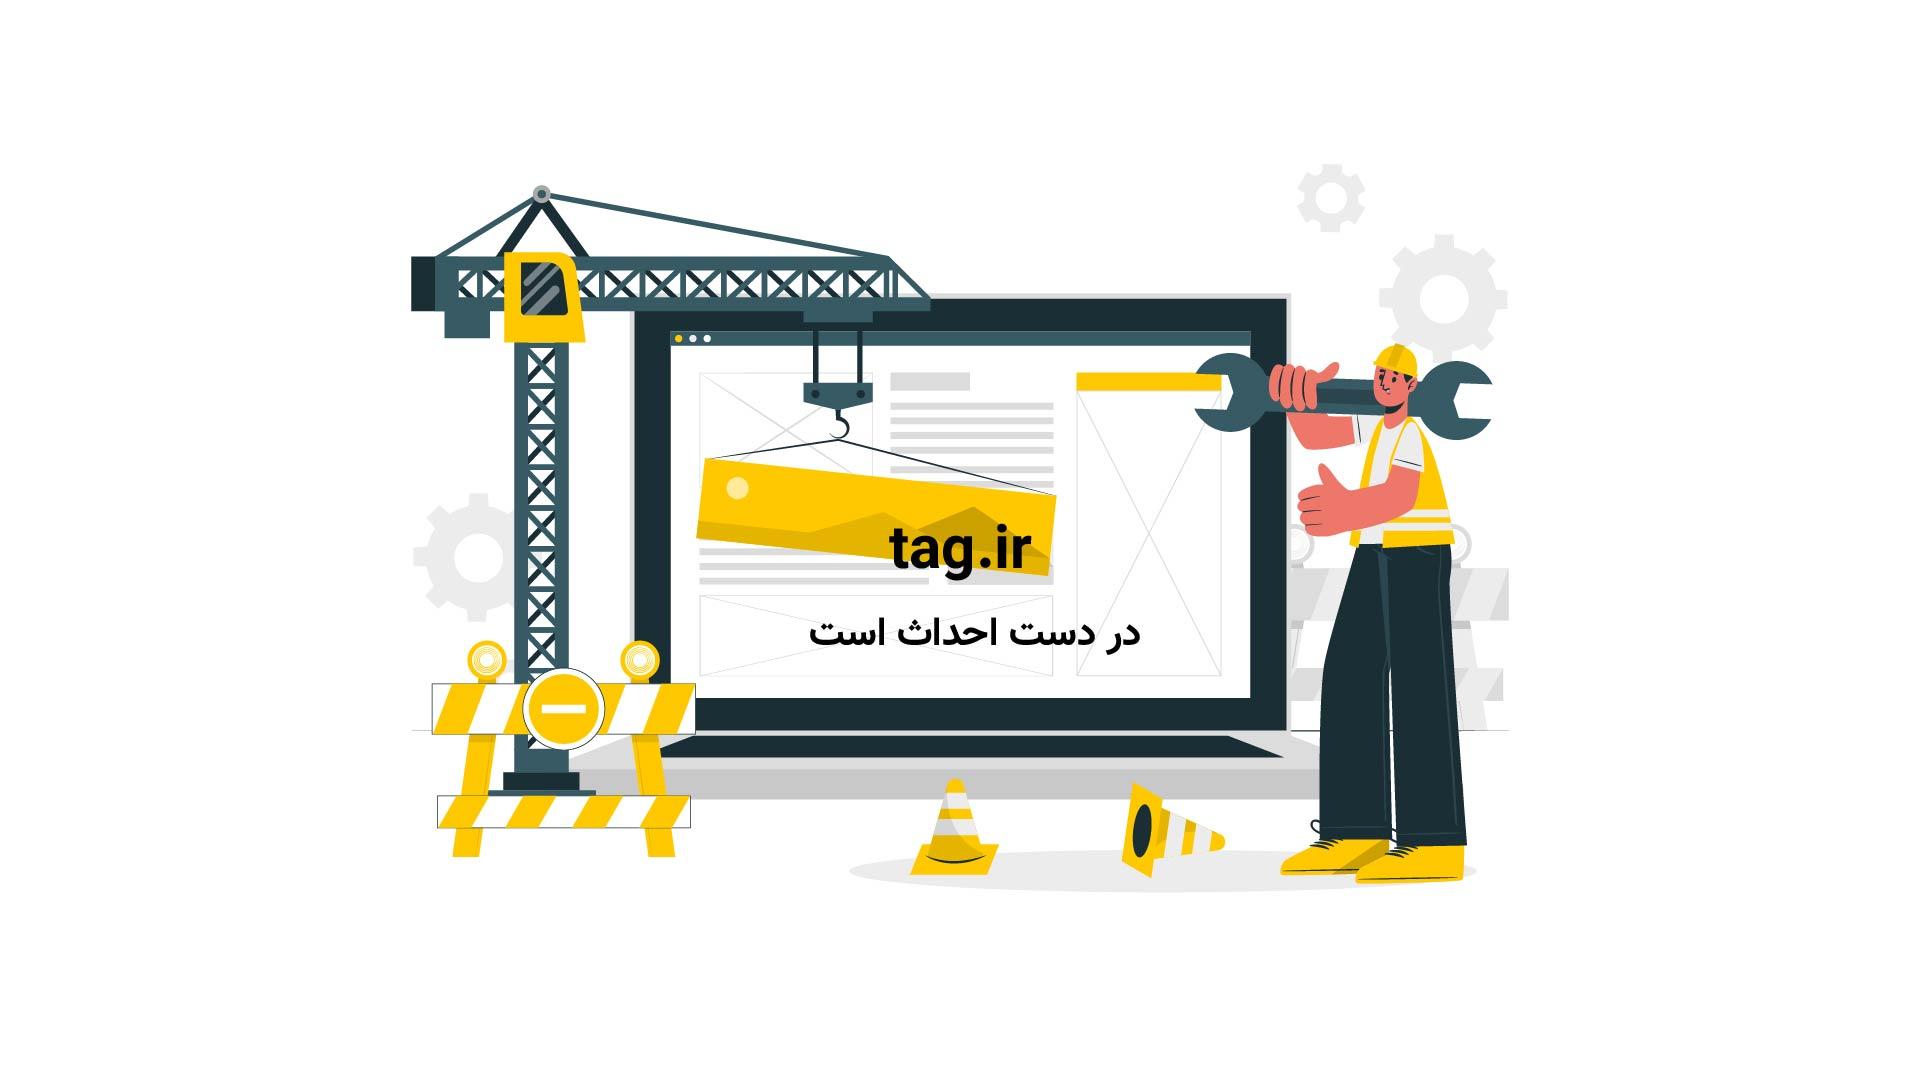 لحظه و شیوه به آب انداختن کشتی های غول پیکر | فیلم